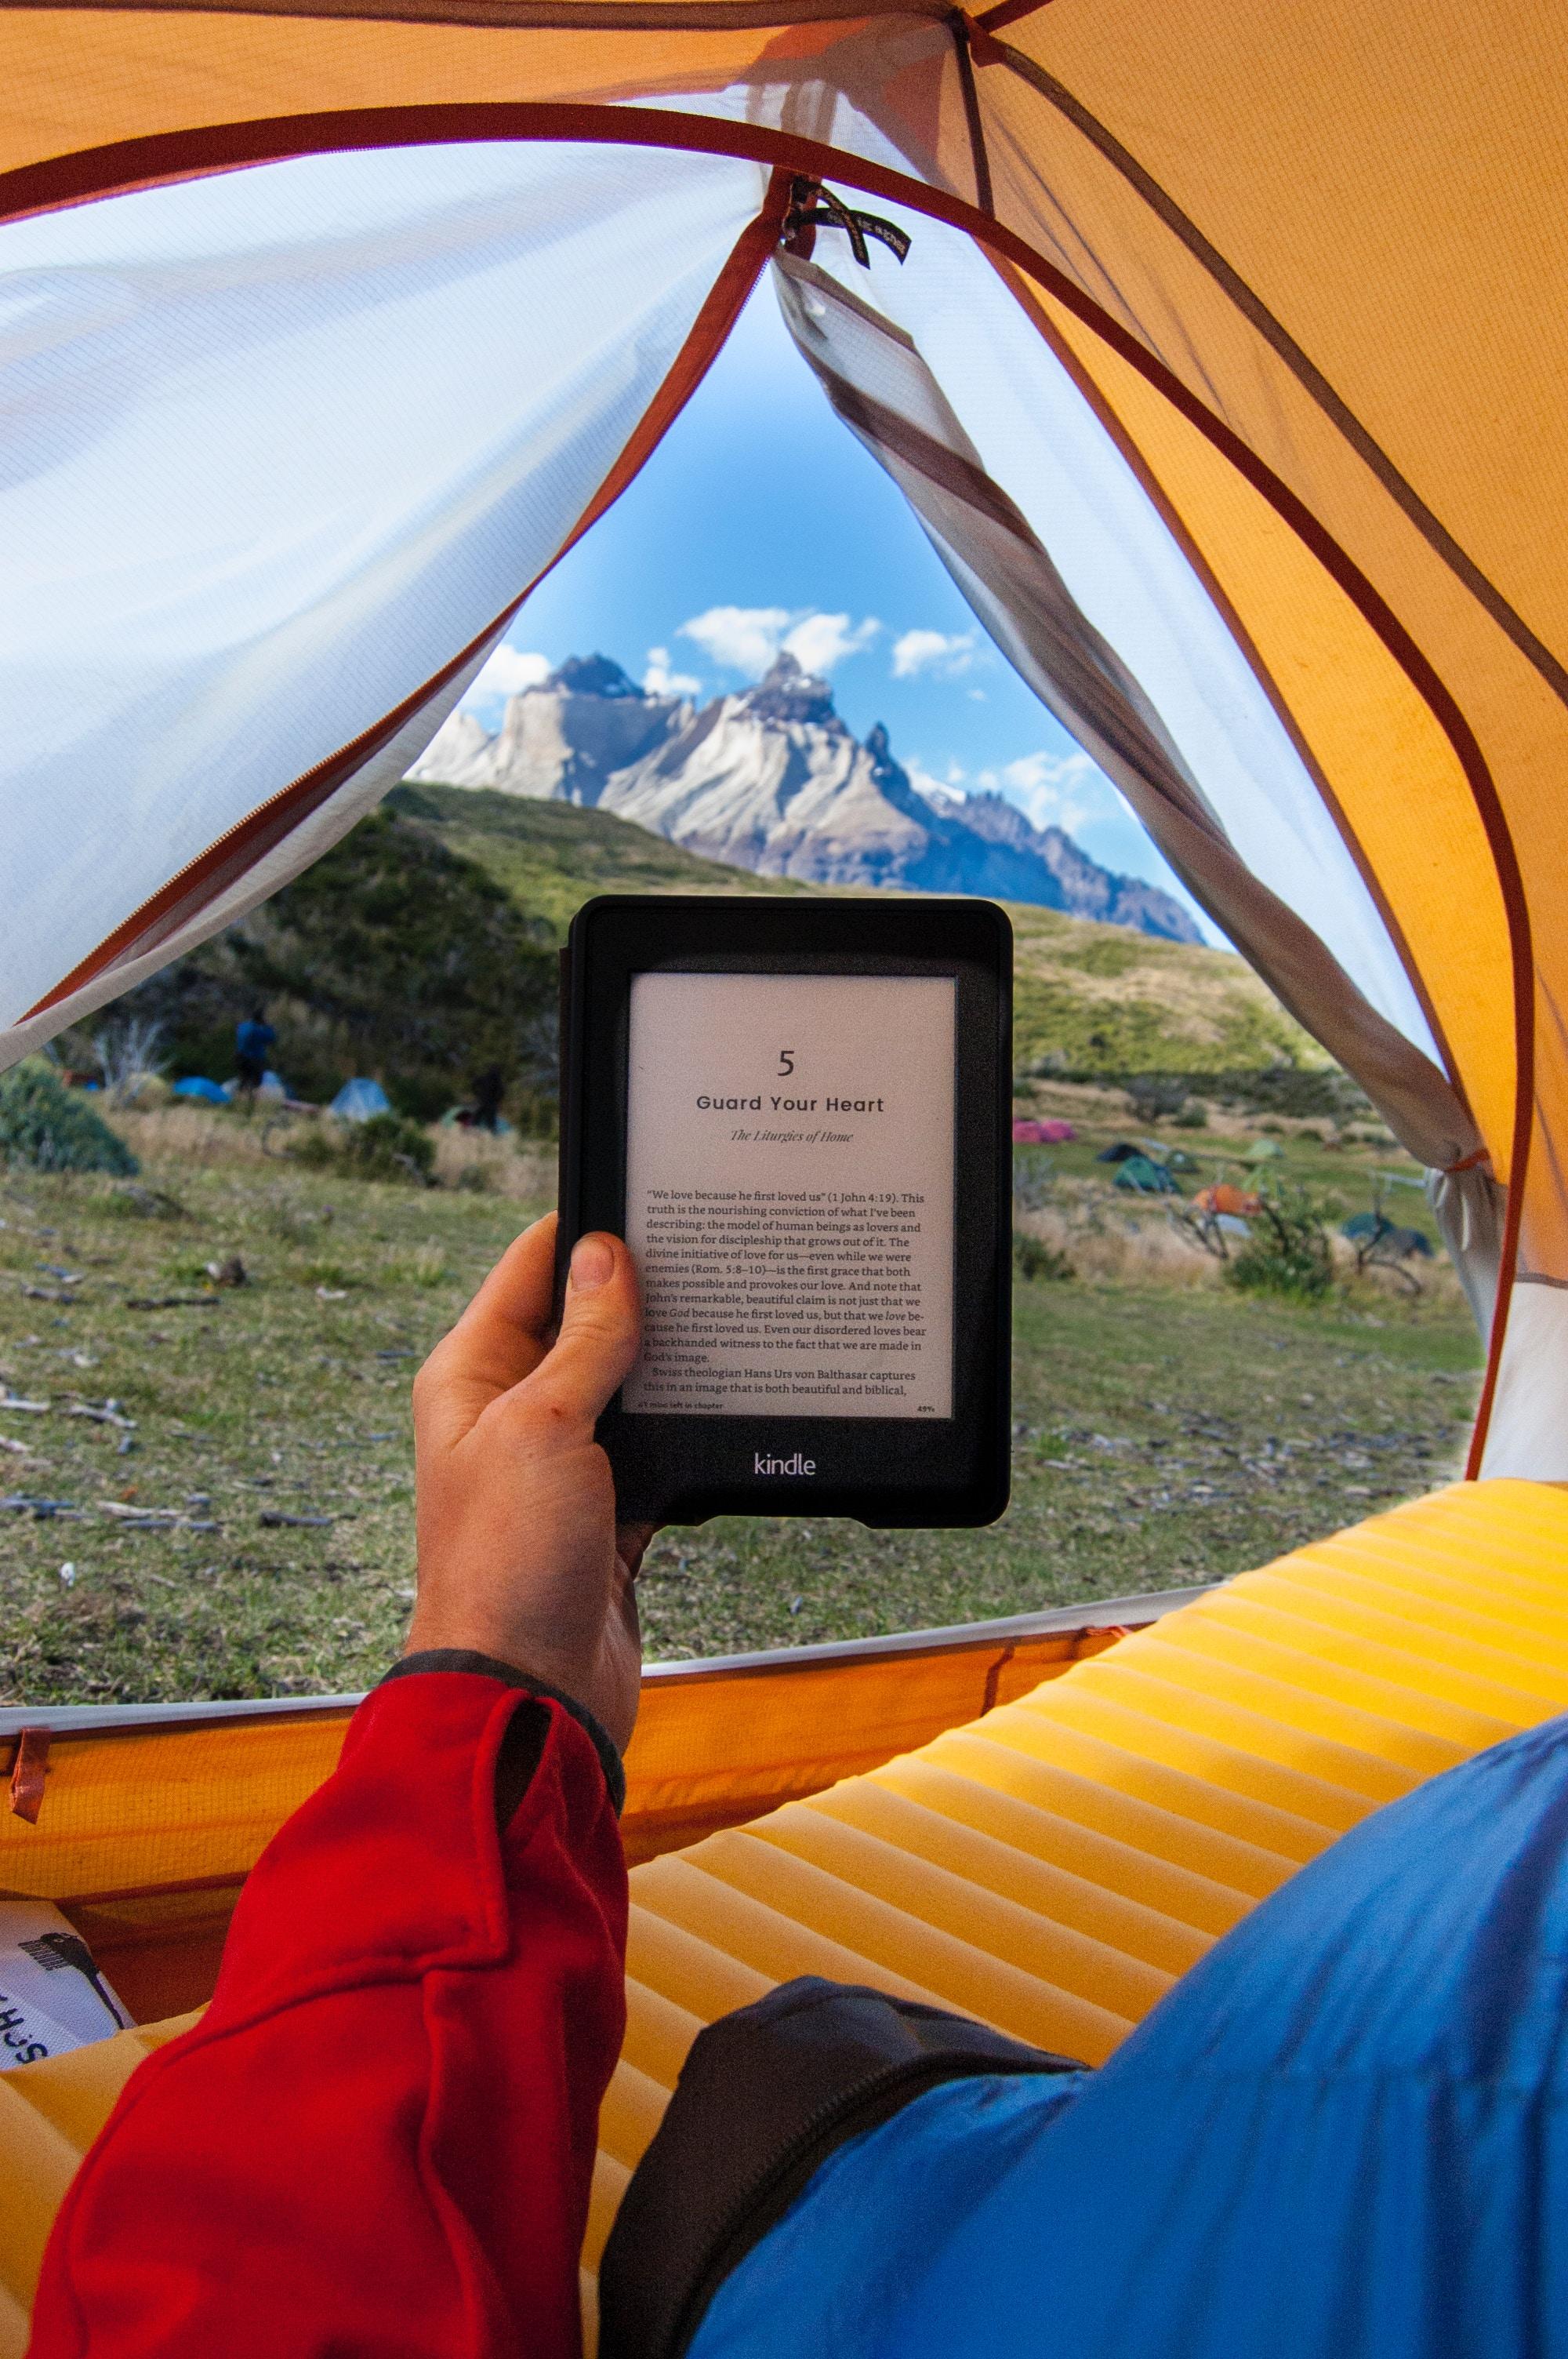 Android Bilder Auf Sd Karte Speichern.E Books Auf Der Sd Karte Speichern Die Neue Kindle Android App